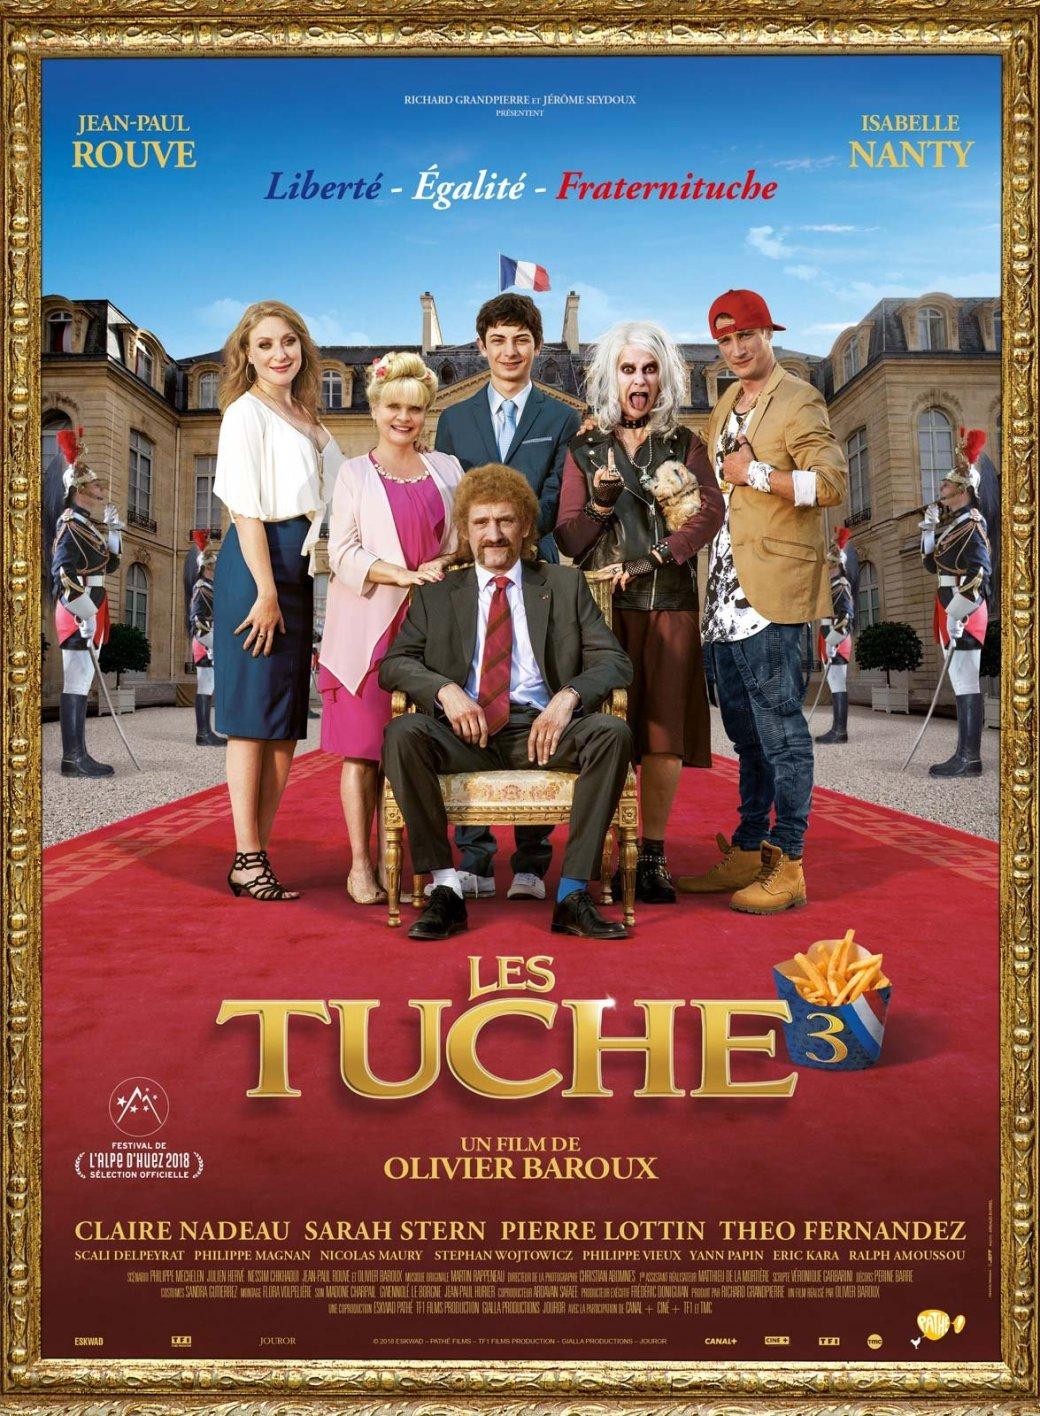 tuches 3